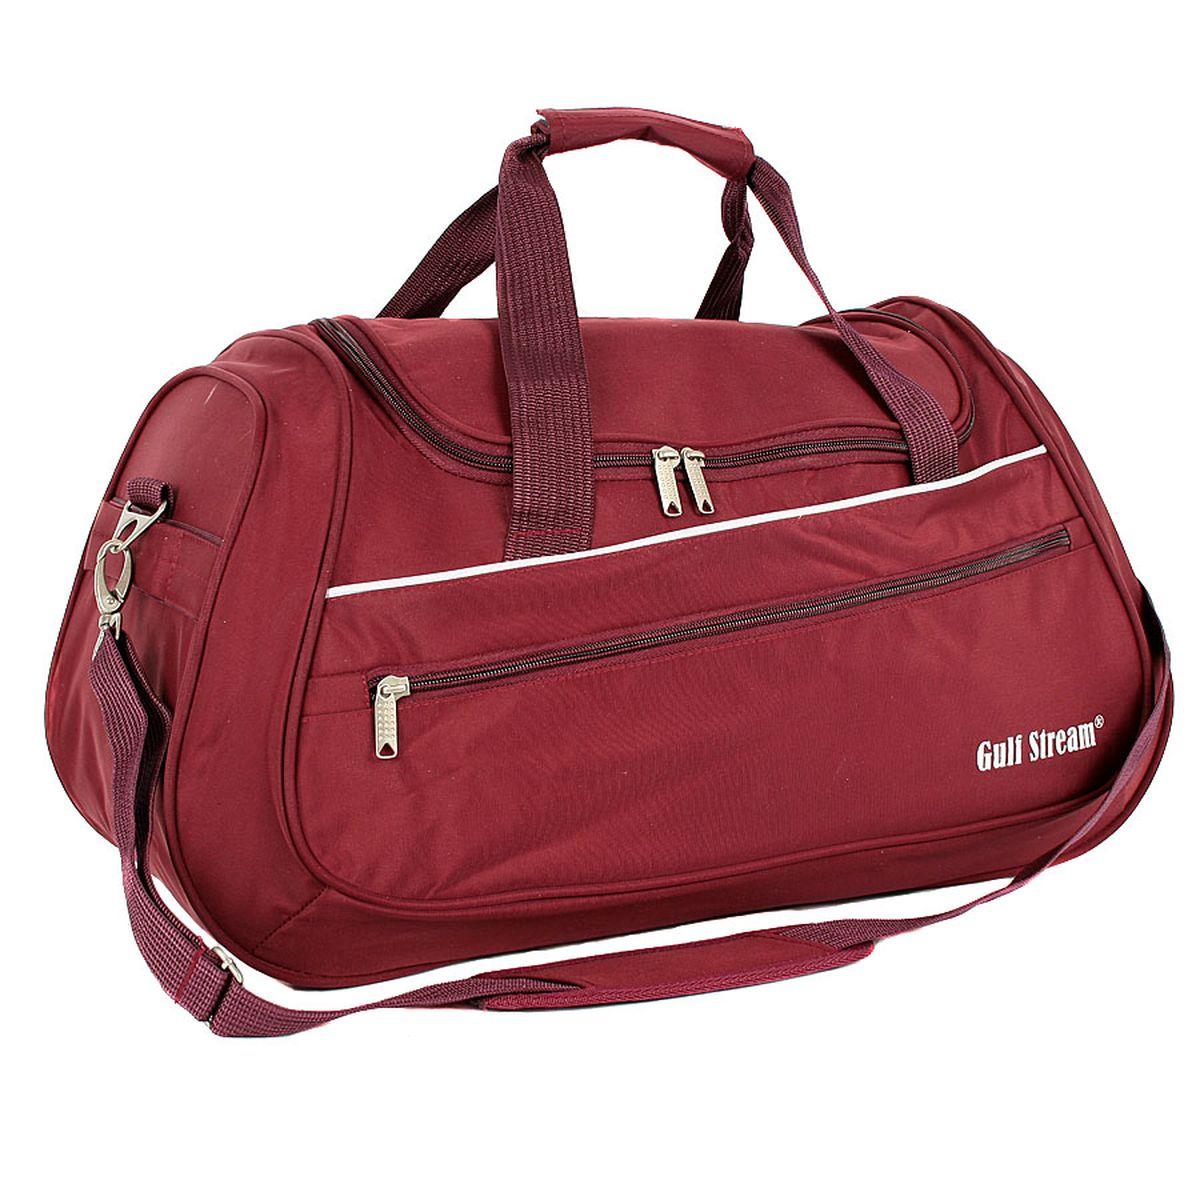 Сумка спортивная Polar, цвет: бордовый, 46,5 л. 59865986_бордовыйМатериал – полиэстер с водоотталкивающей пропиткой. Вместительная спортивная сумка среднего размера. Одно отделение. Карман на передней части. В комплект входит съемный плечевой ремень. Эта сумка идеально подойдет для спорта и отдыха.